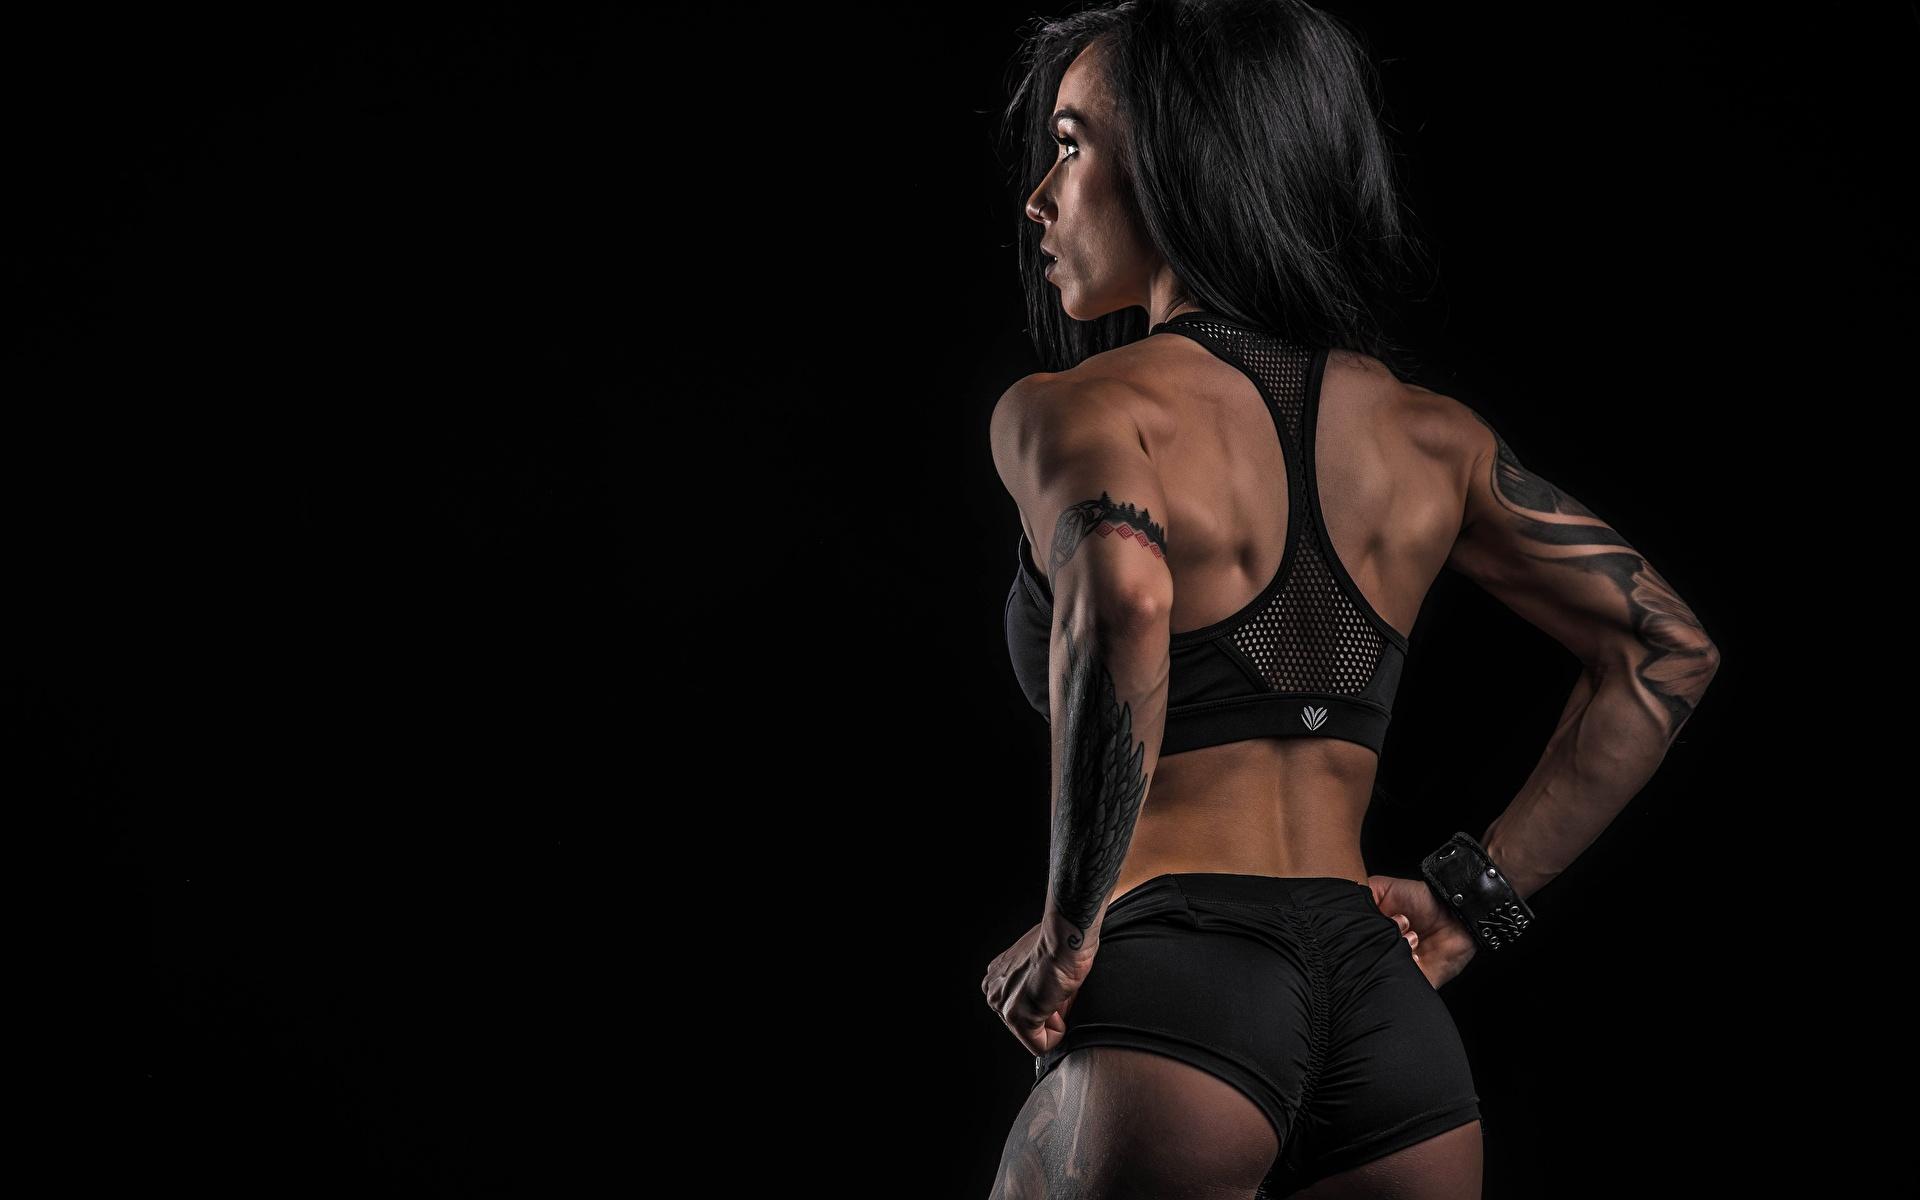 Bilder Gesäß Tätowierung Pose Rücken Fitness Sport junge Frauen Shorts Hinten Schwarzer Hintergrund 1920x1200 posiert Mädchens junge frau sportliches